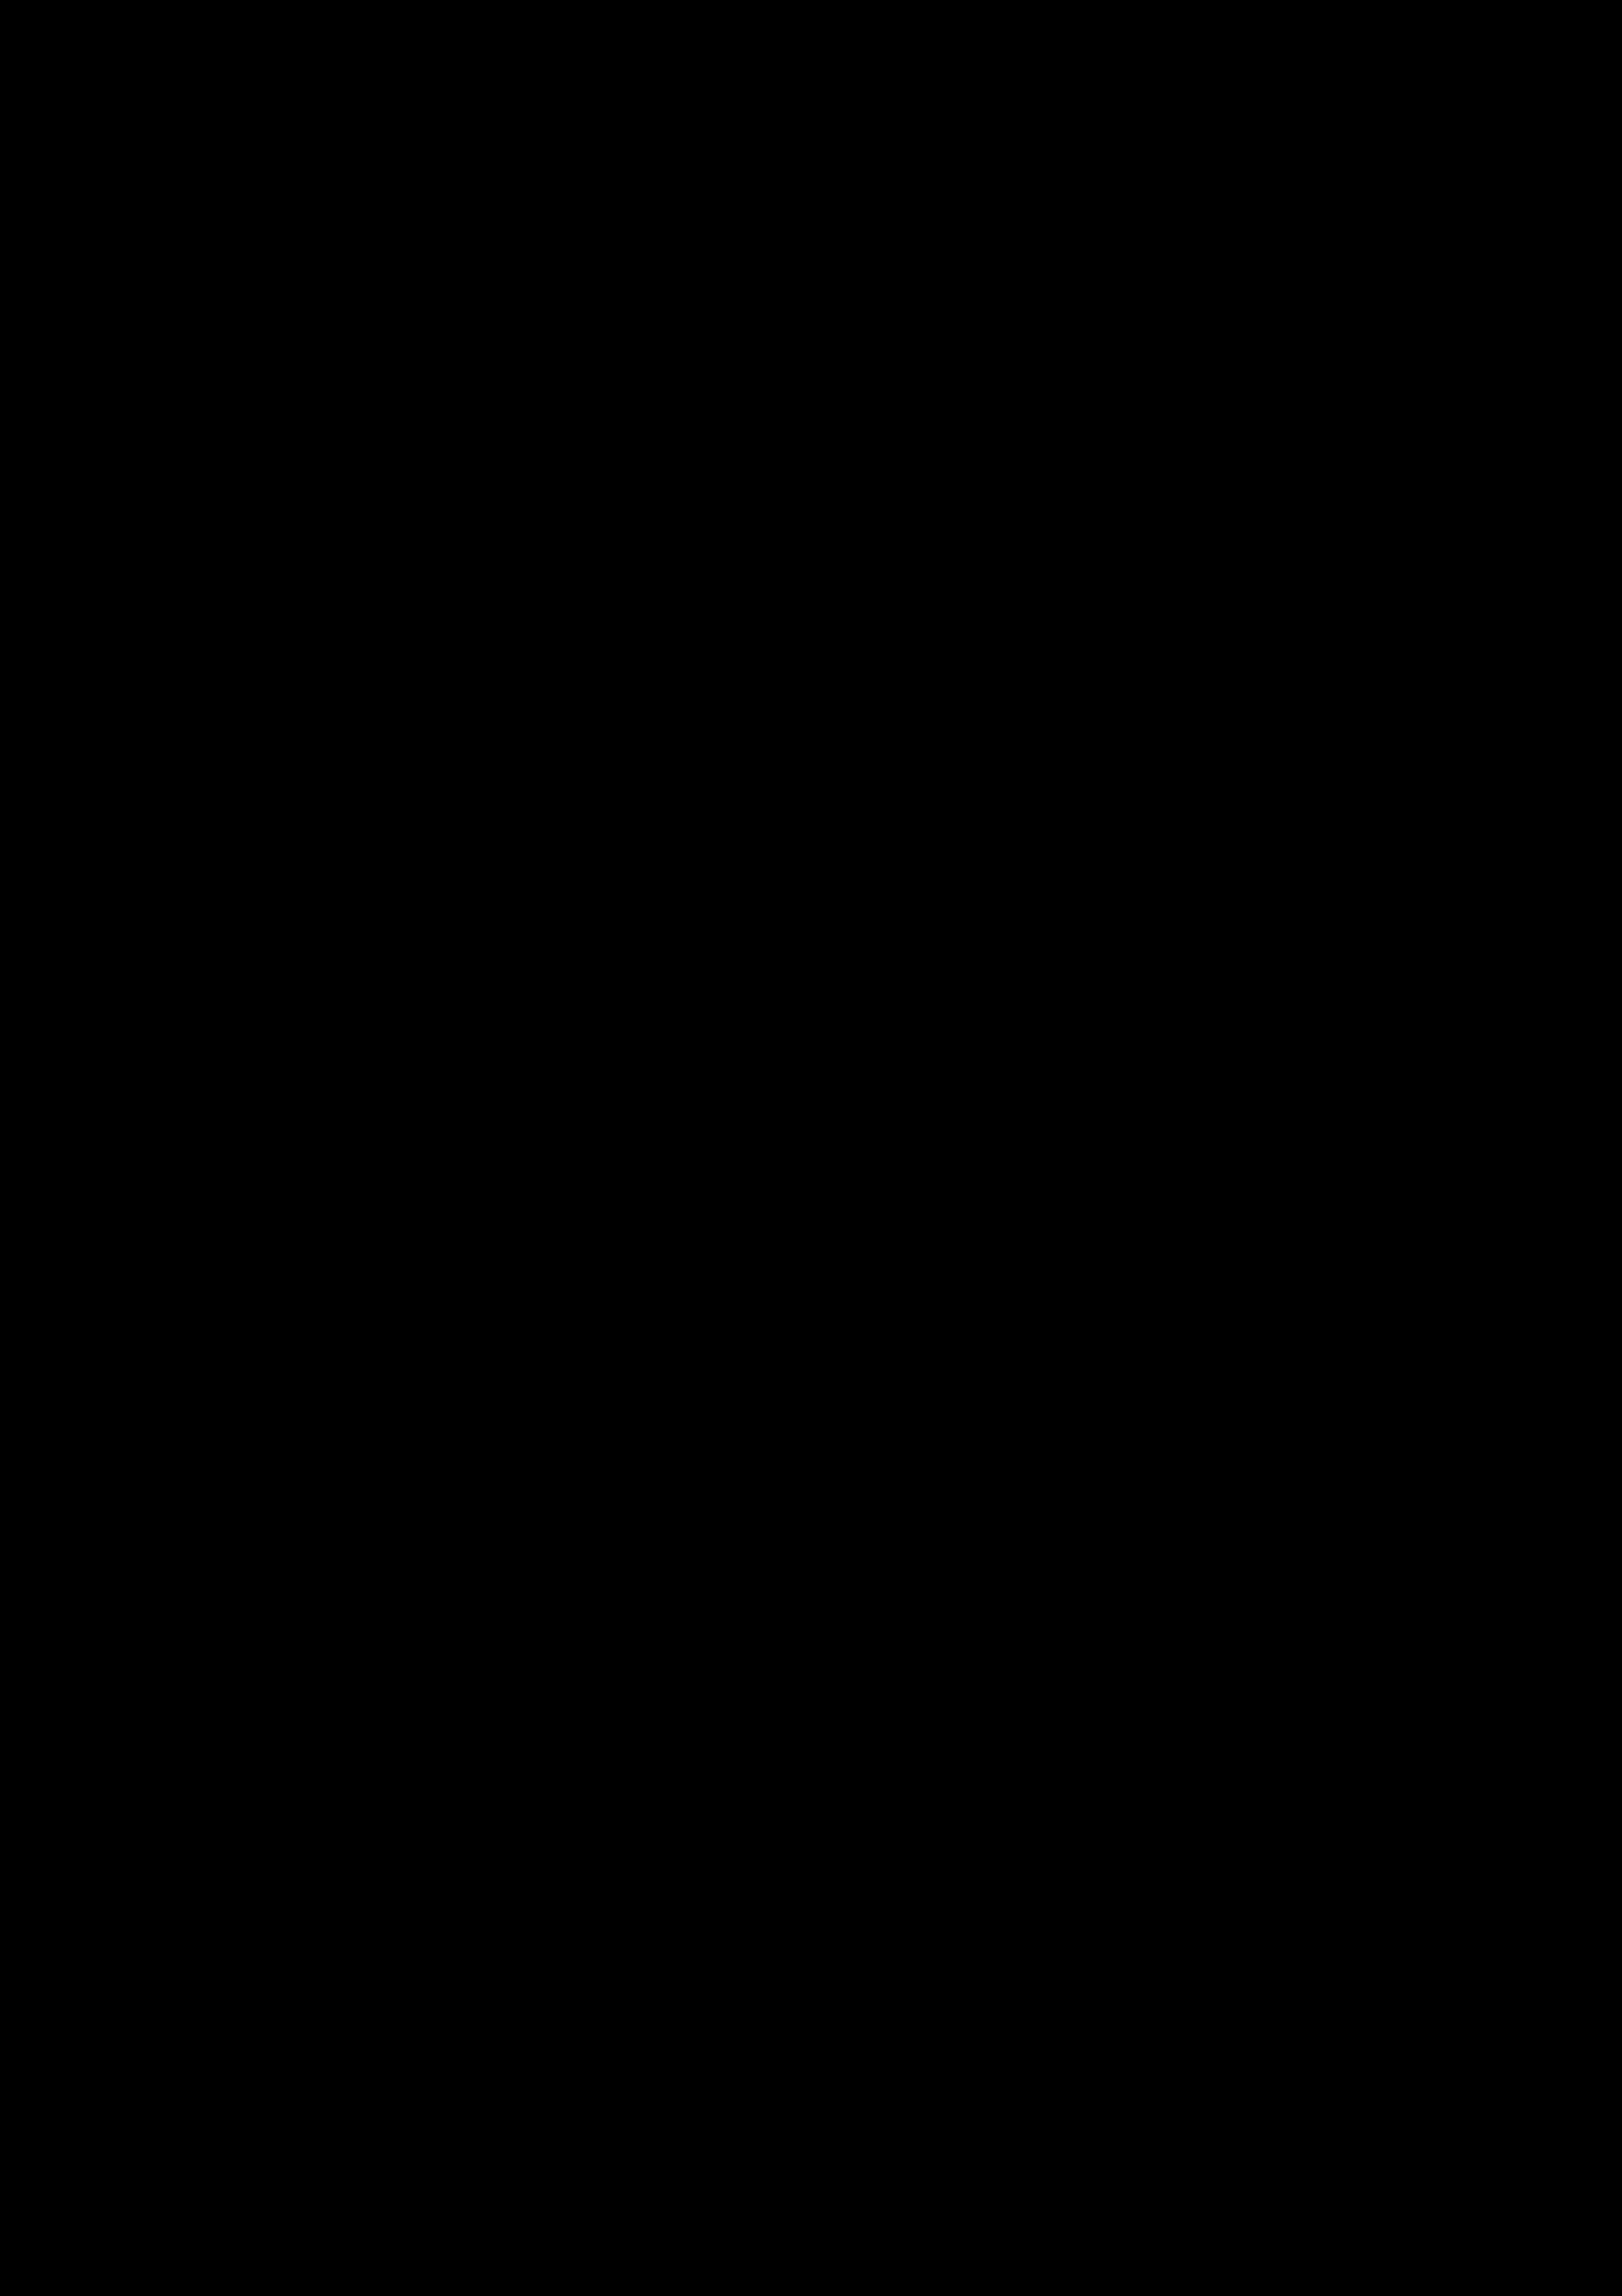 STYX Kinostart 13. September 2018 Trailer https